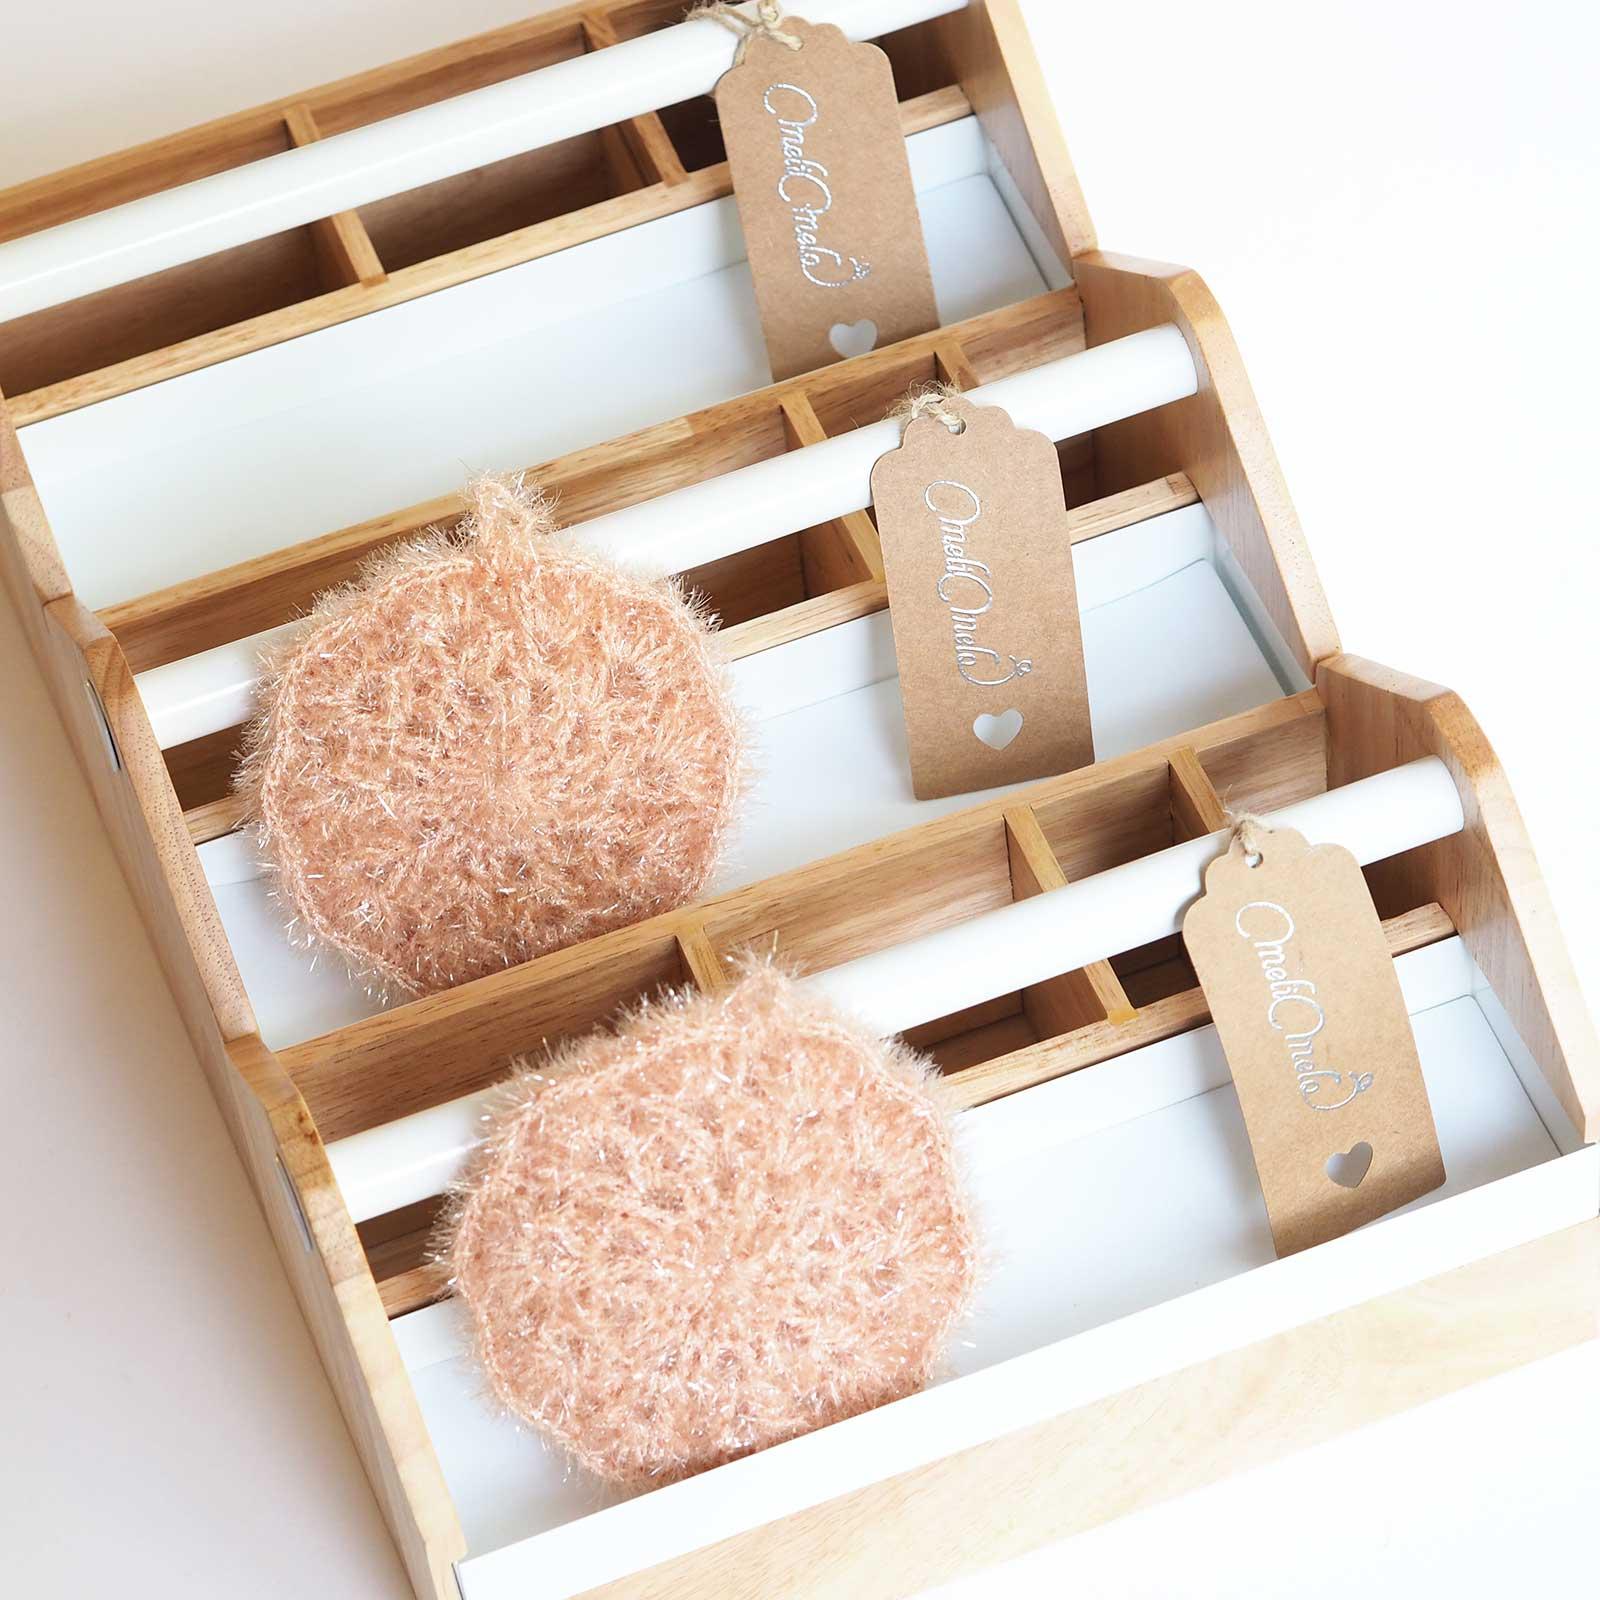 ponge tawashi et bo tes de rangement la boutique de melimelo. Black Bedroom Furniture Sets. Home Design Ideas